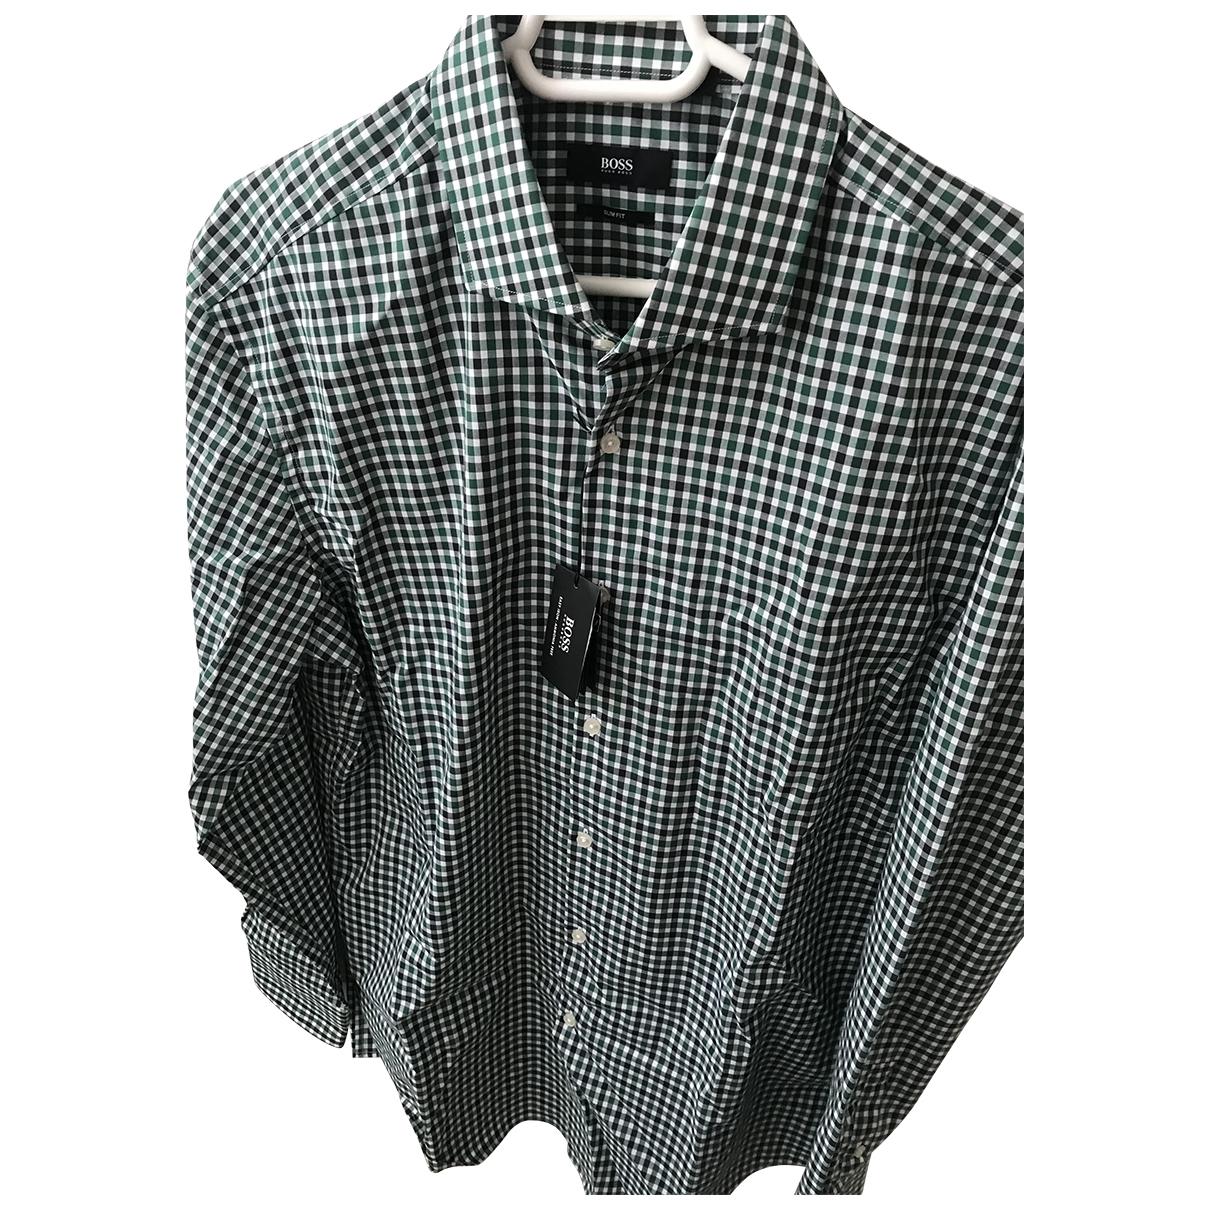 Boss \N Green Cotton Shirts for Men 44 EU (tour de cou / collar)